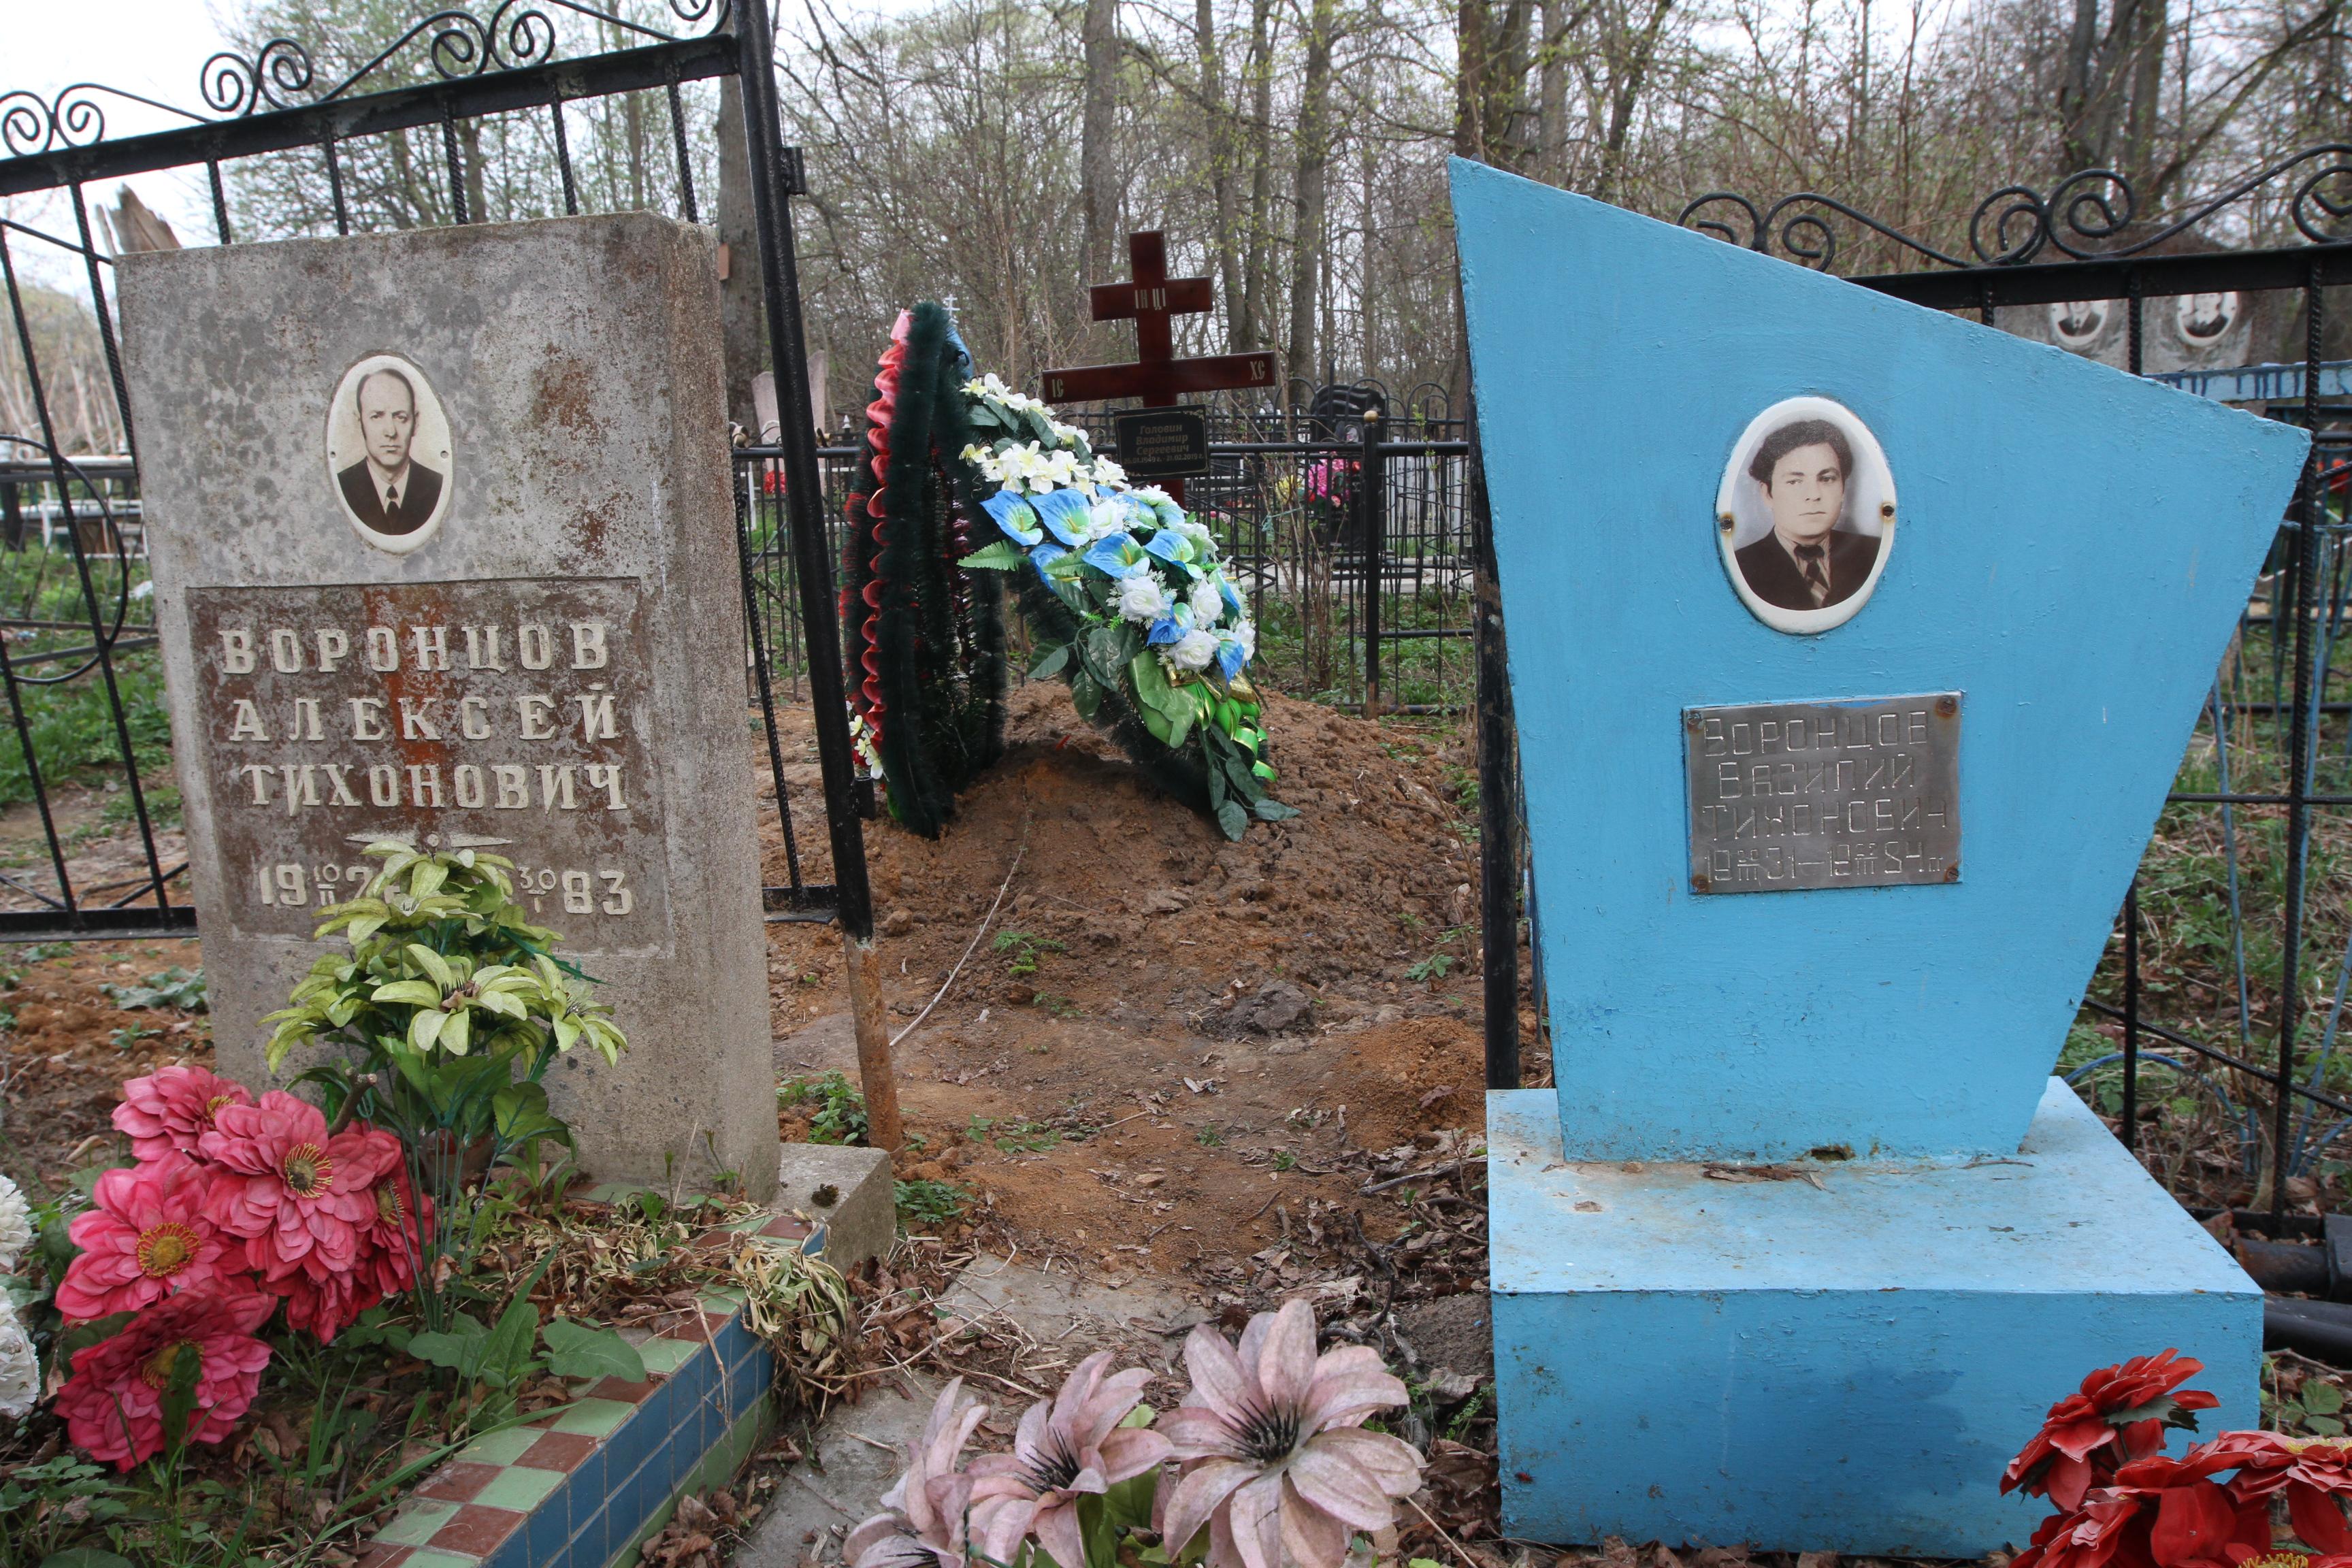 Беспредел на кладбище: пенсионера похоронили в пределах чужой ограды